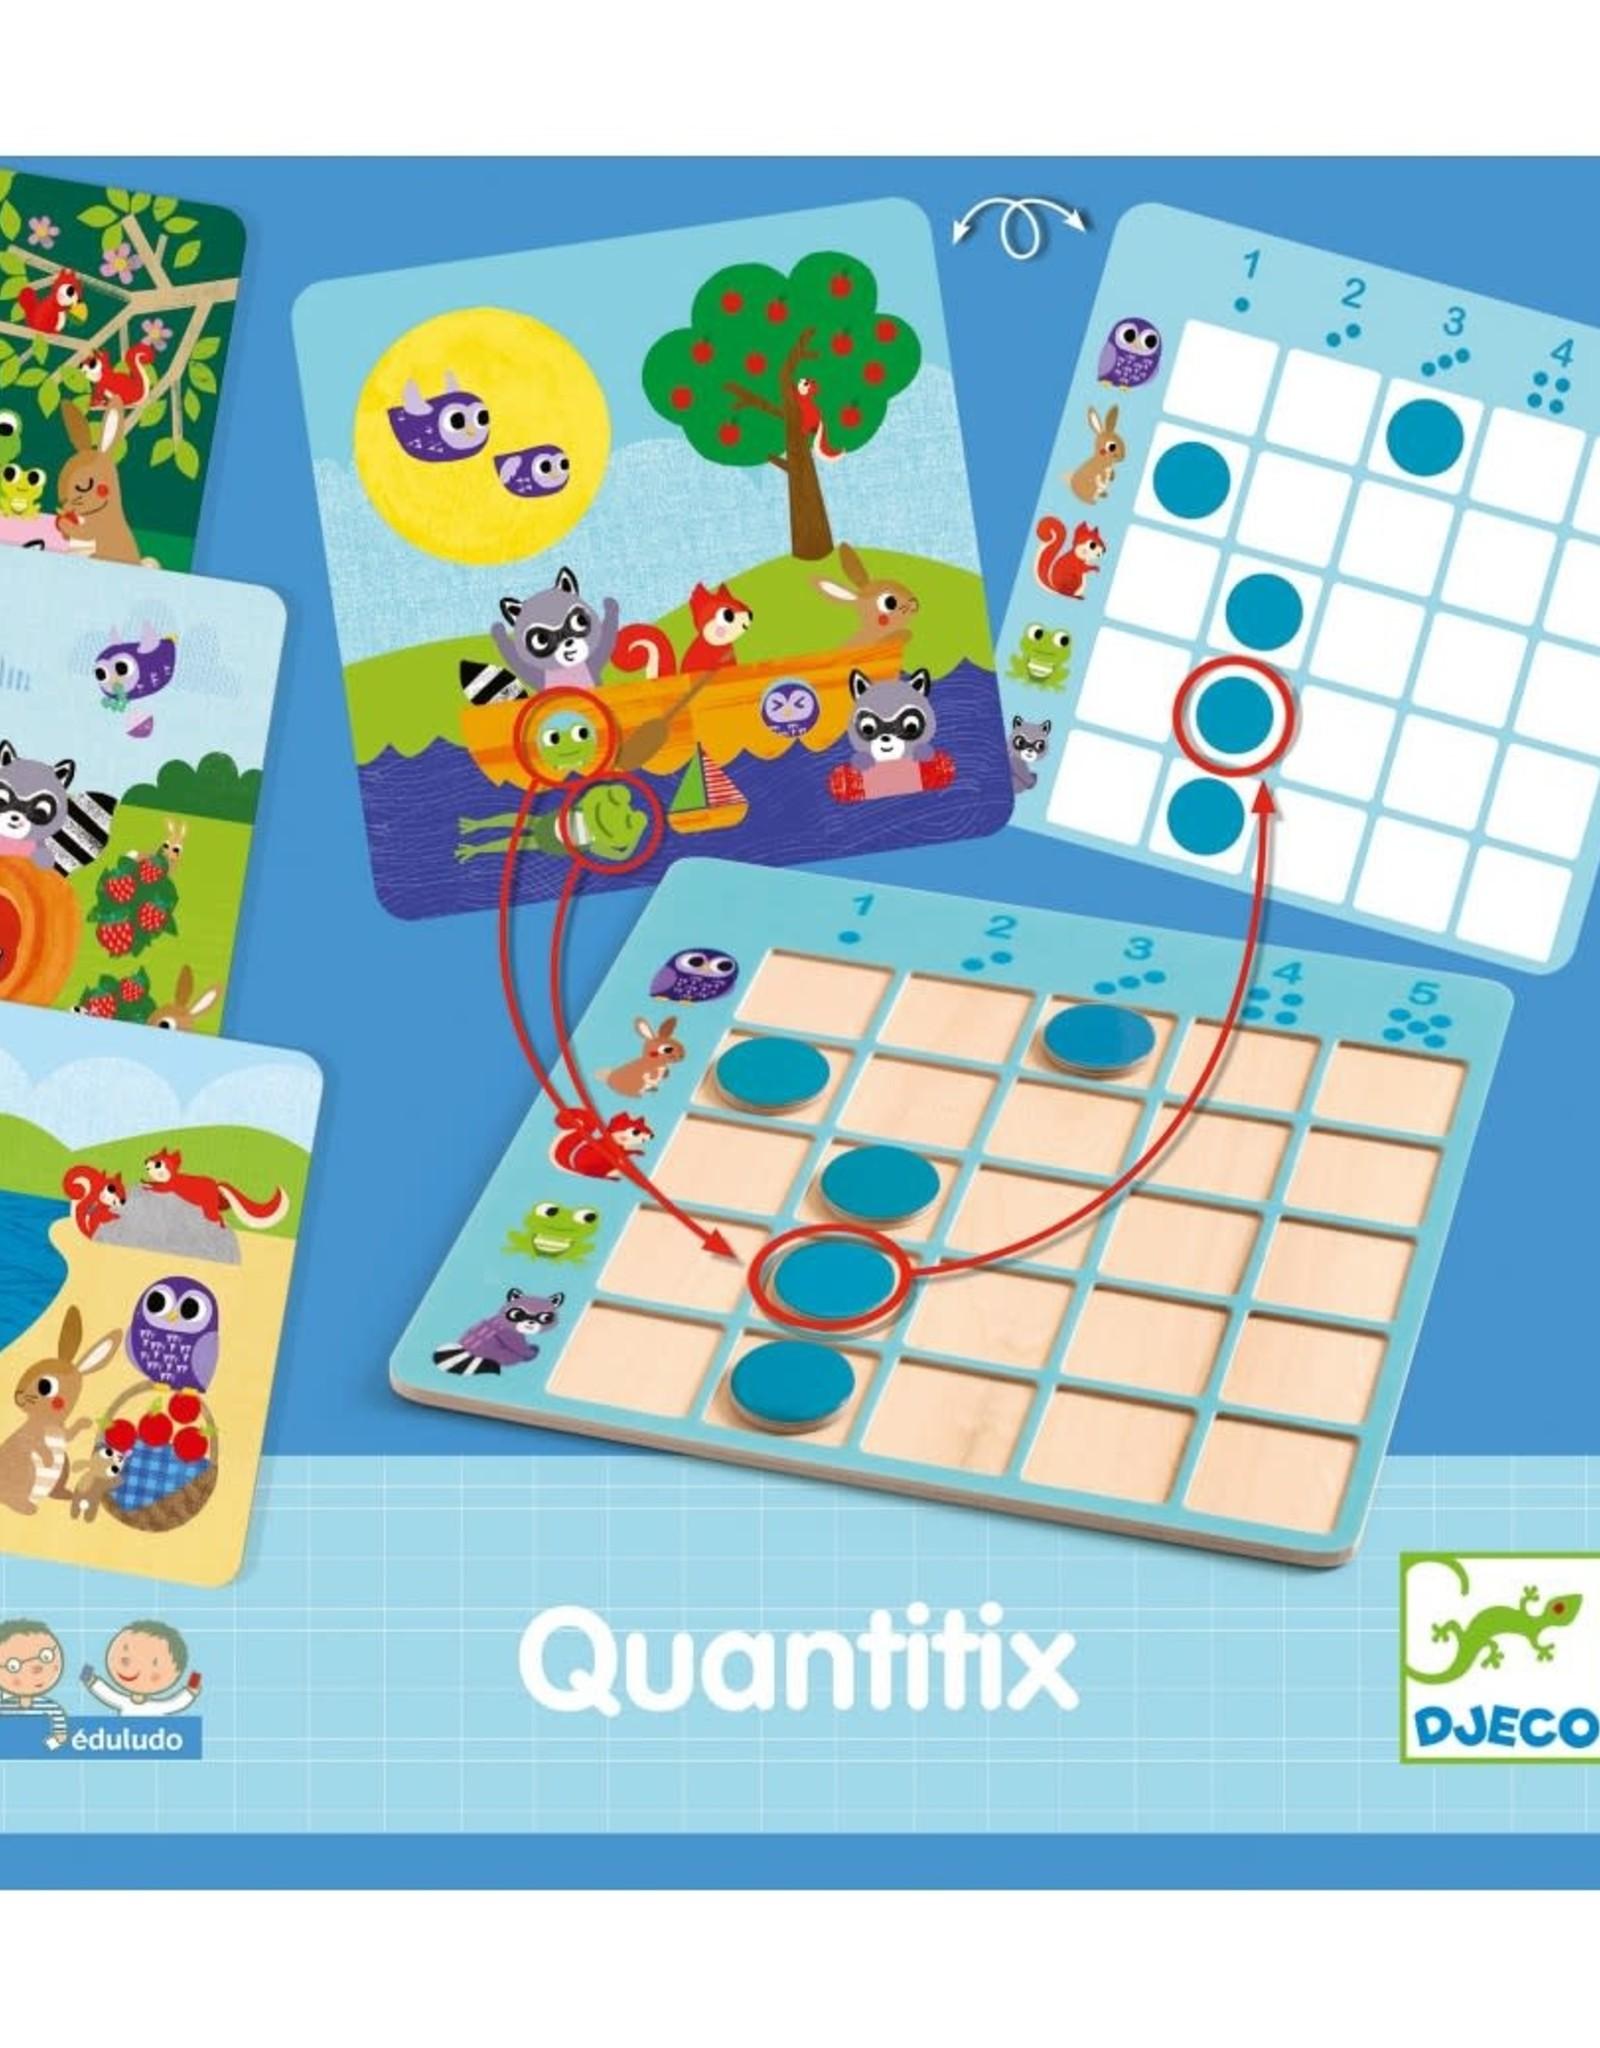 Djeco Eduludo Quantitix